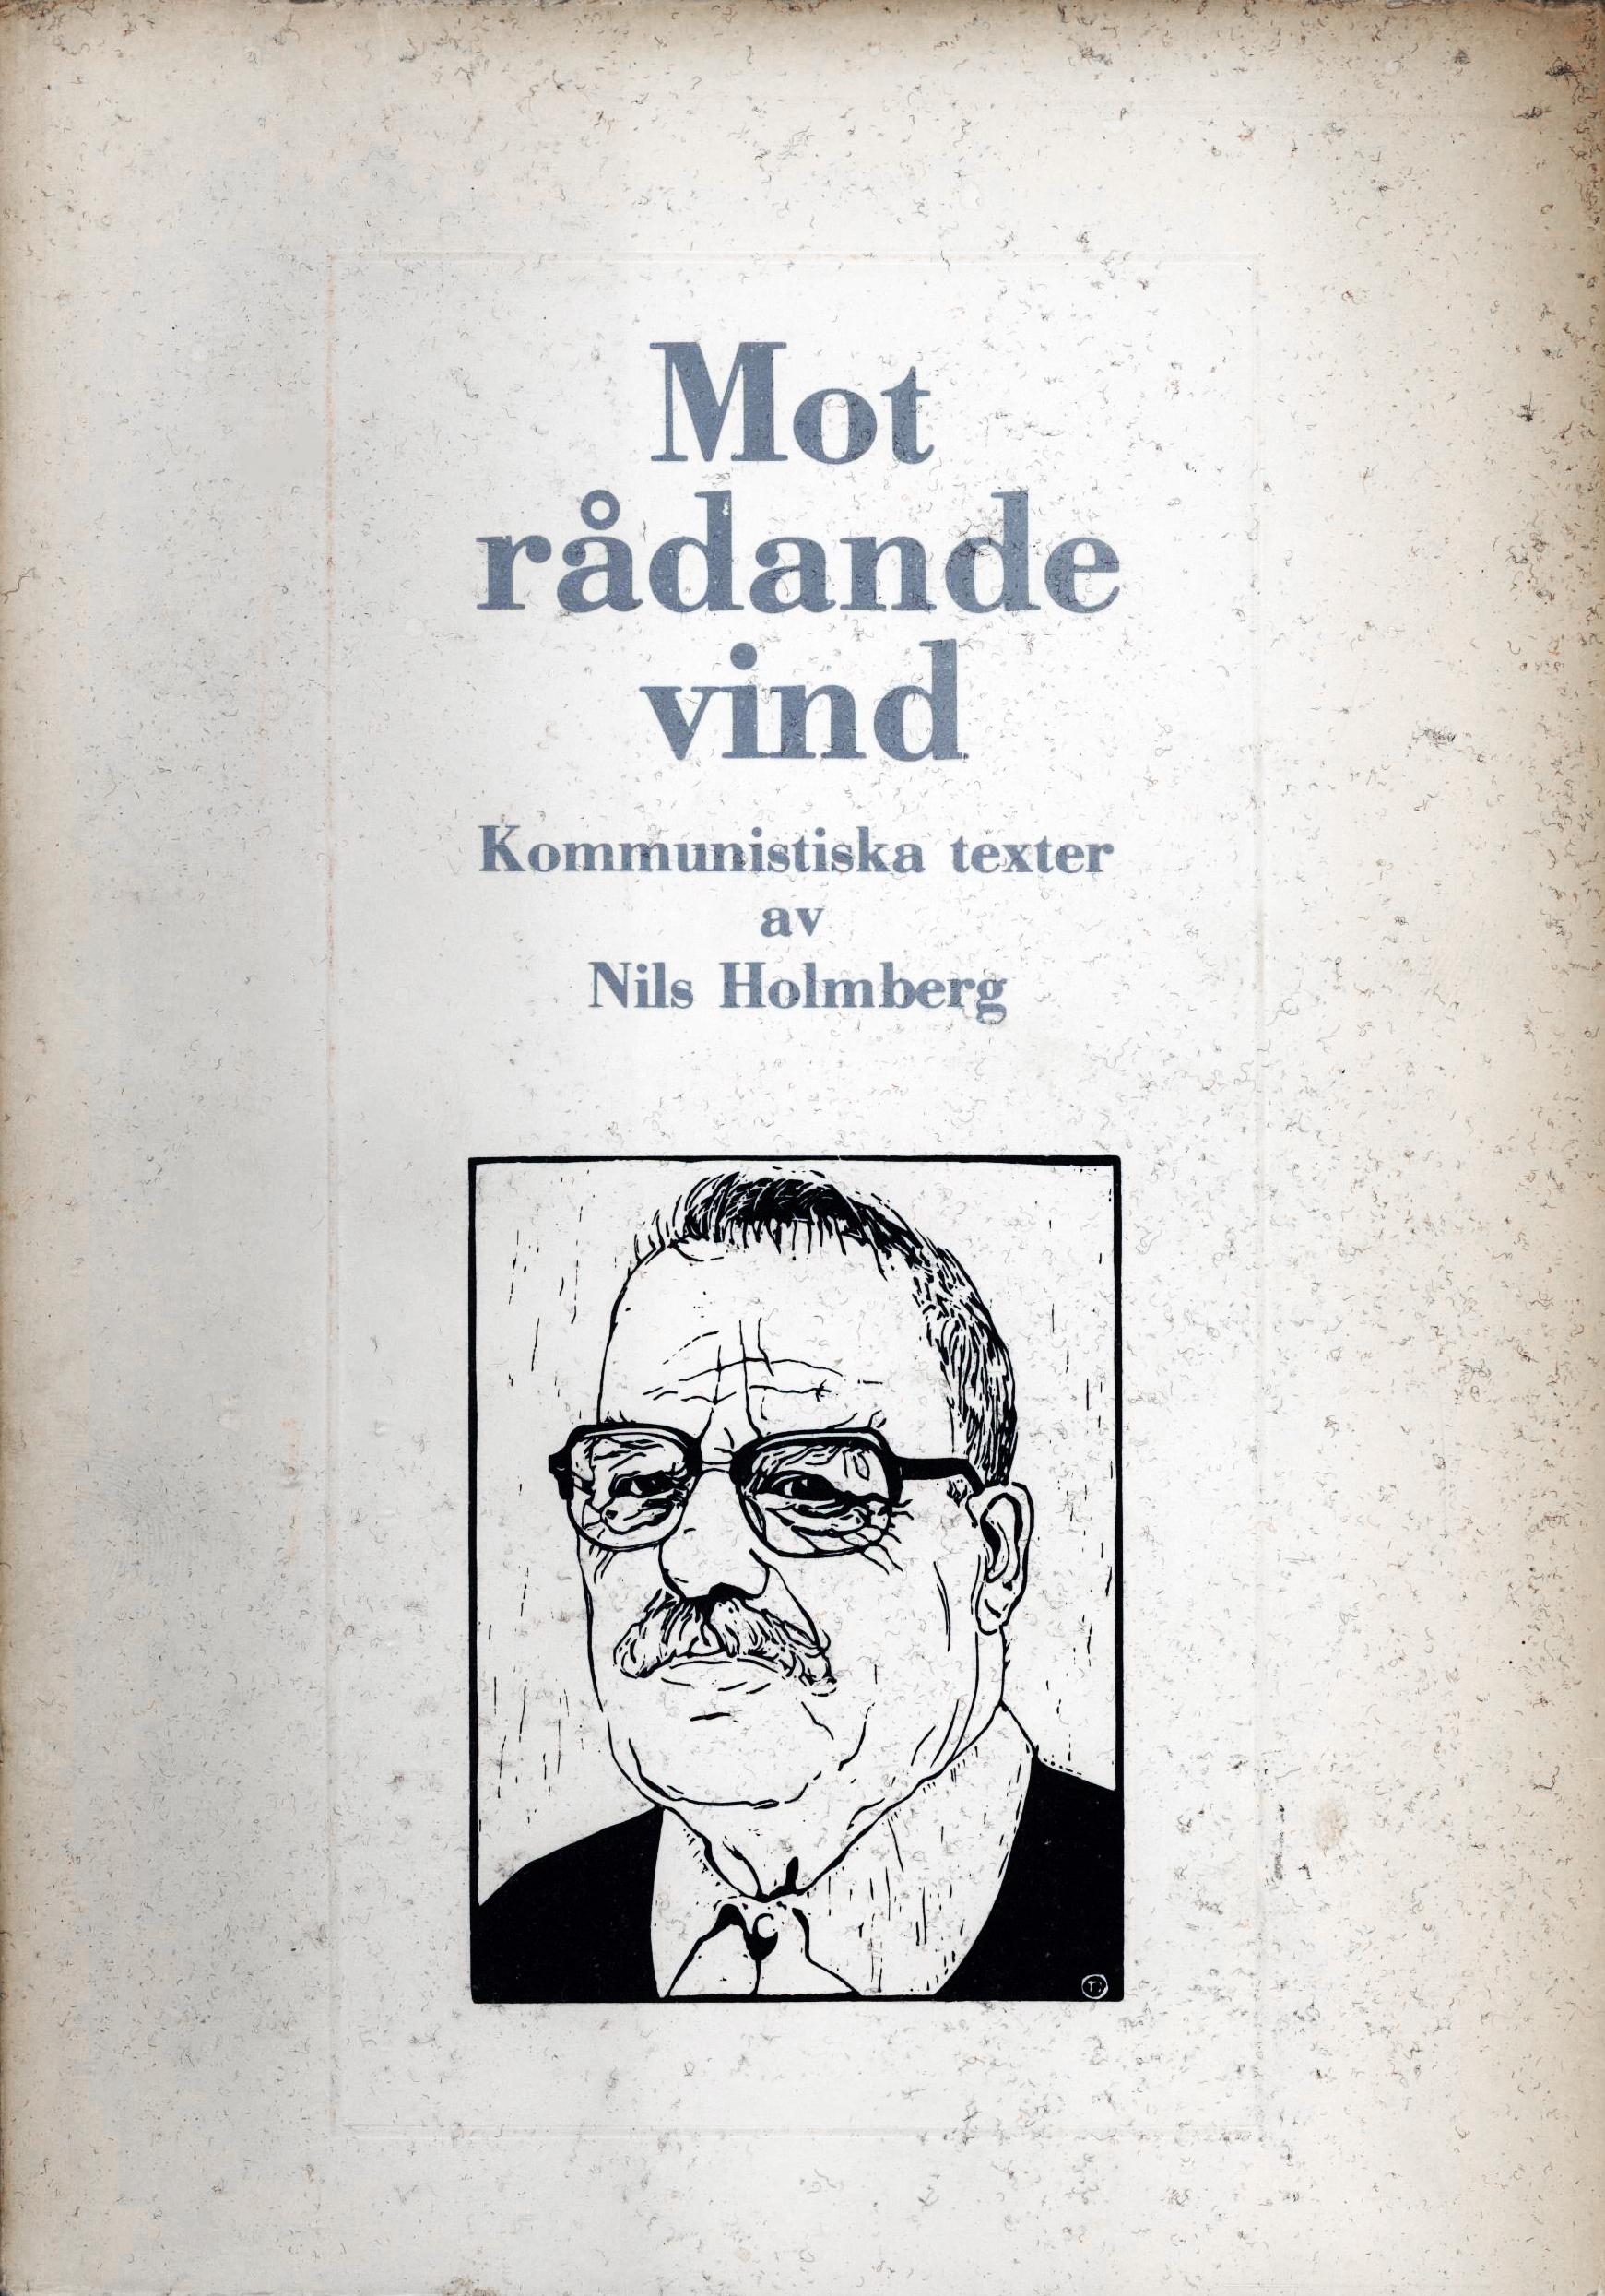 Nils Holmberg: Mot rådande vind - Kommunistiska texter